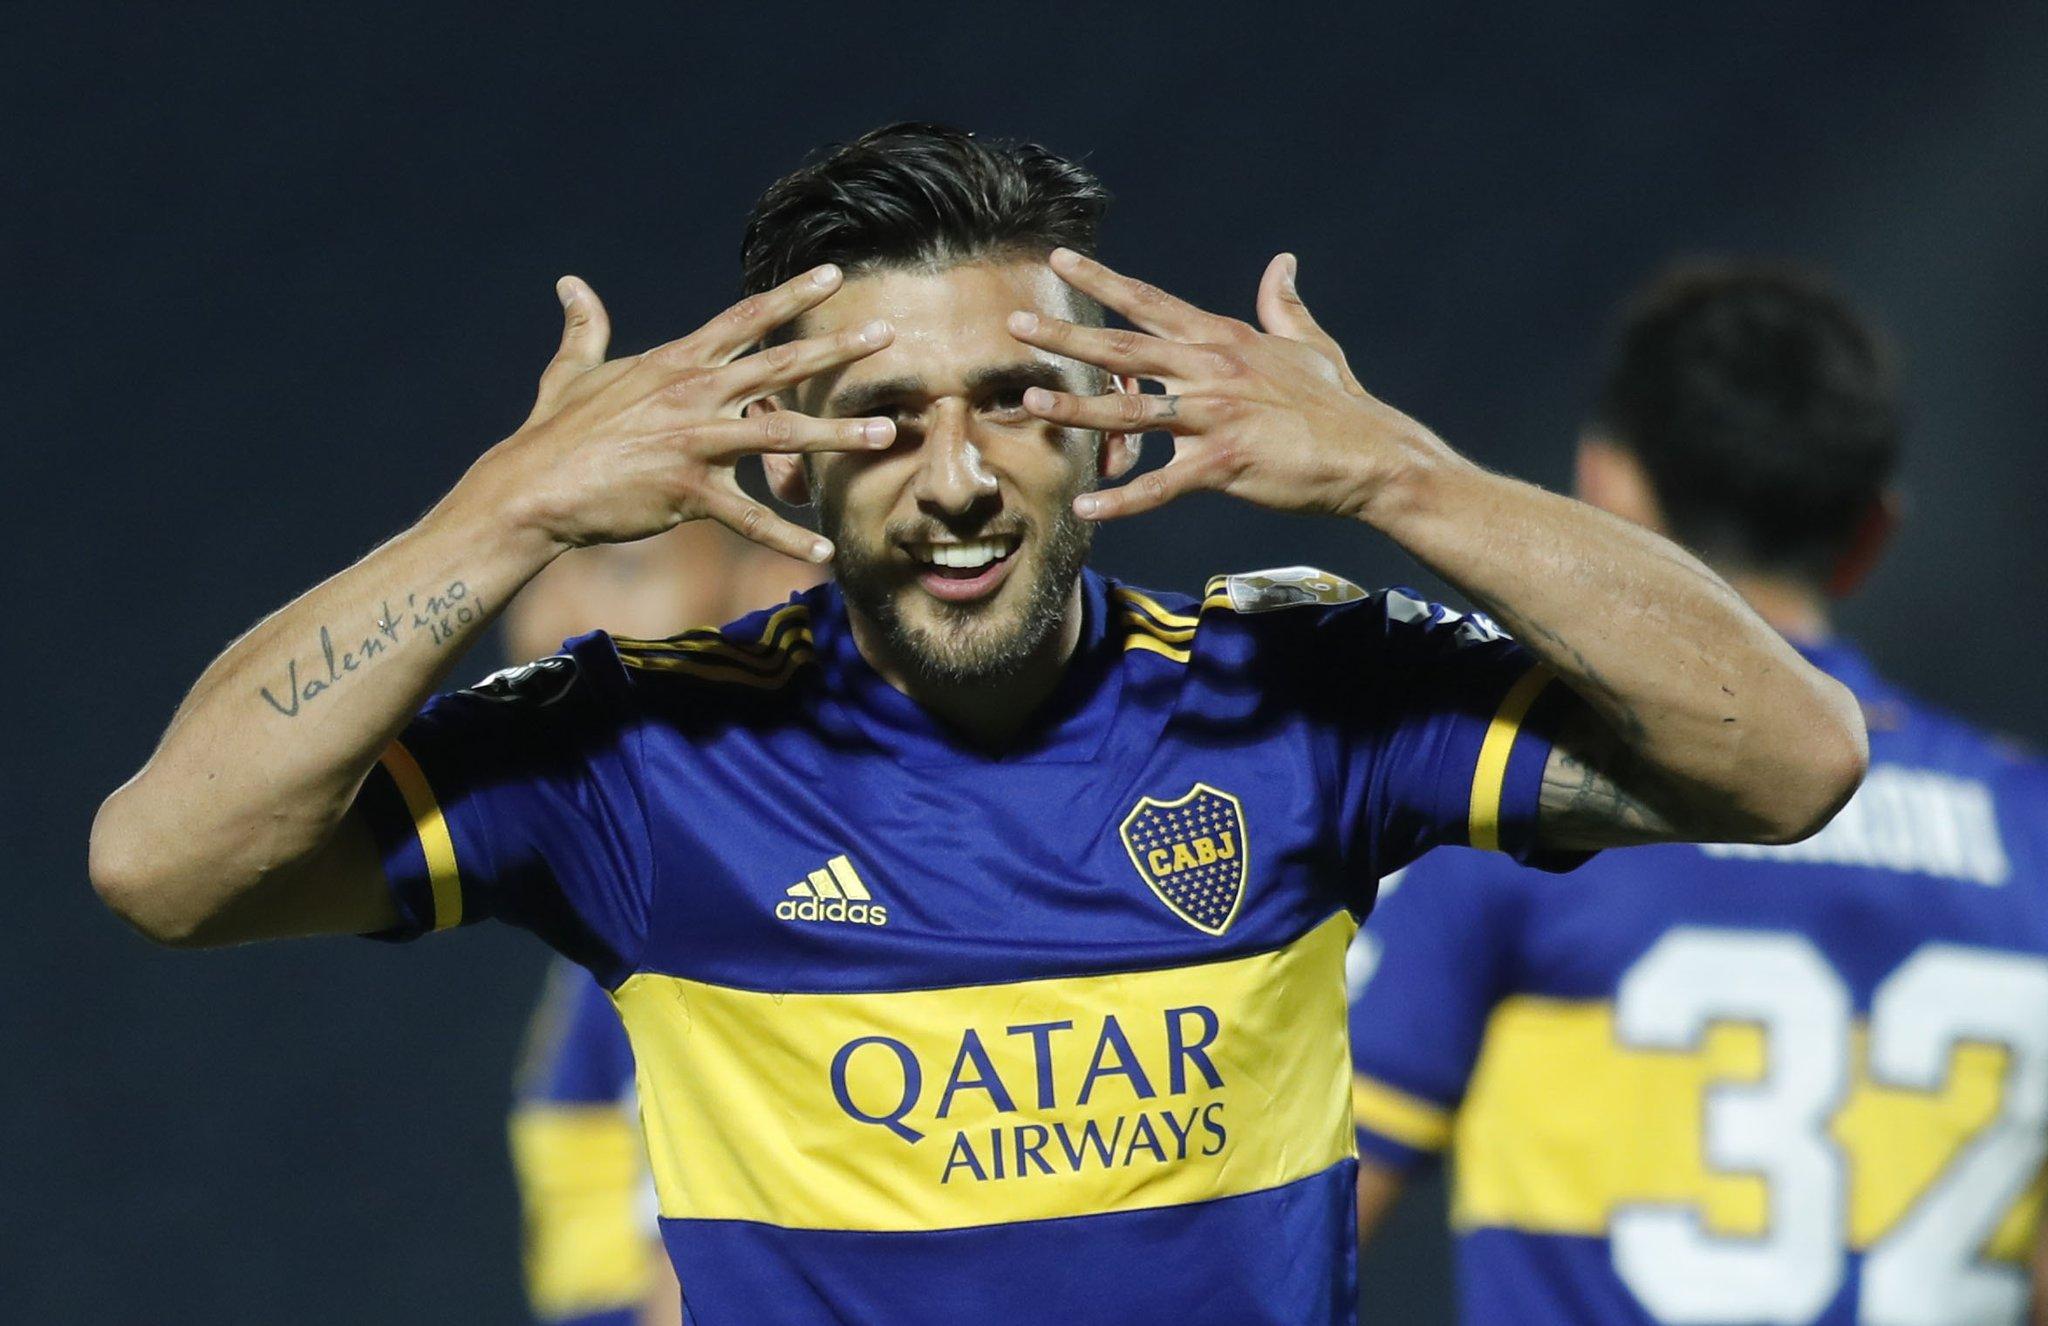 Con un doblete de Salvio, Boca pisó fuerte en Paraguay y venció a Libertad por 2-0